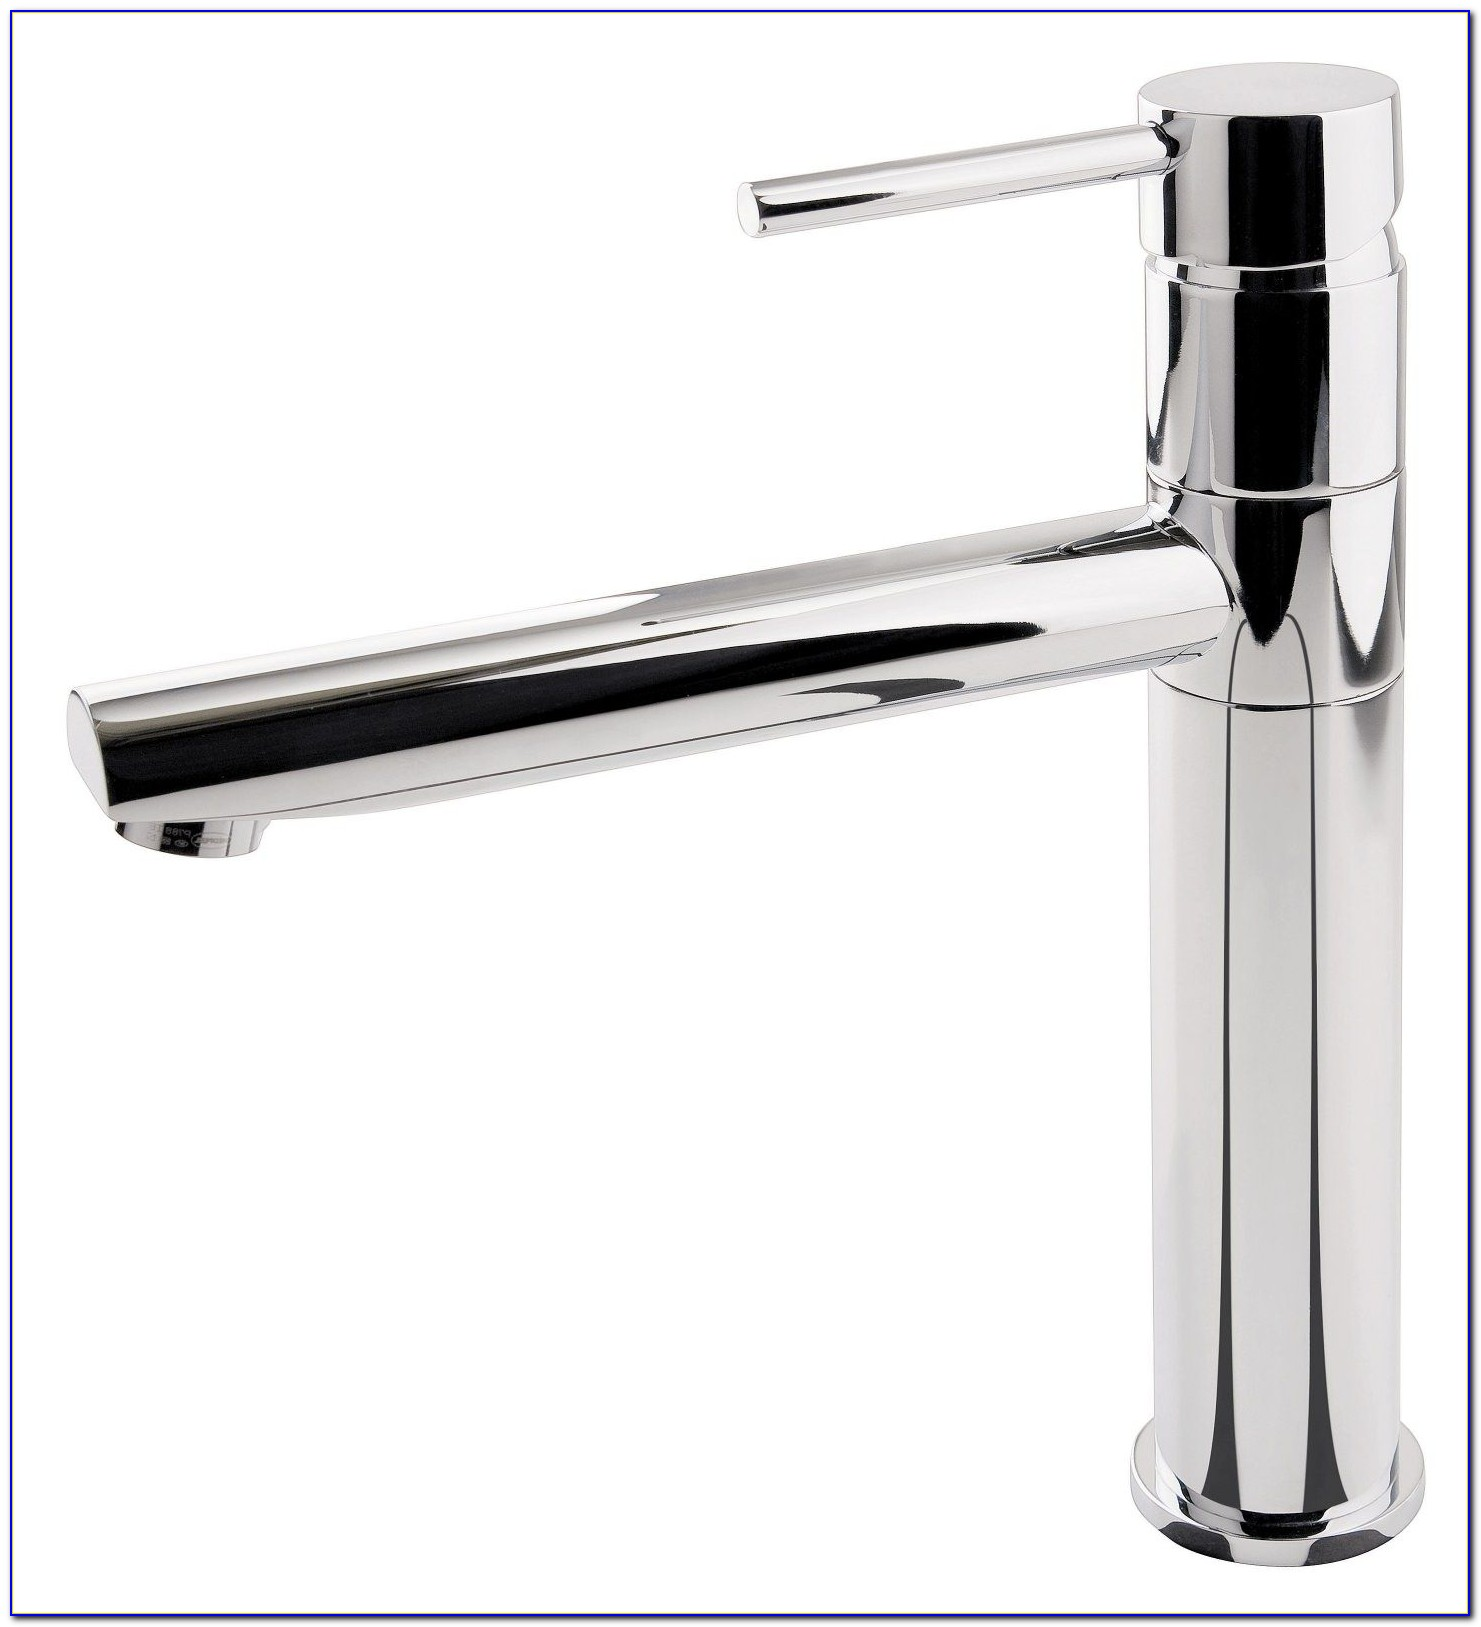 Full Size of Grohe Wasserhahn Installation Dolce Vizio Tiramisu Thermostat Dusche Küche Wandanschluss Für Bad Wohnzimmer Grohe Wasserhahn